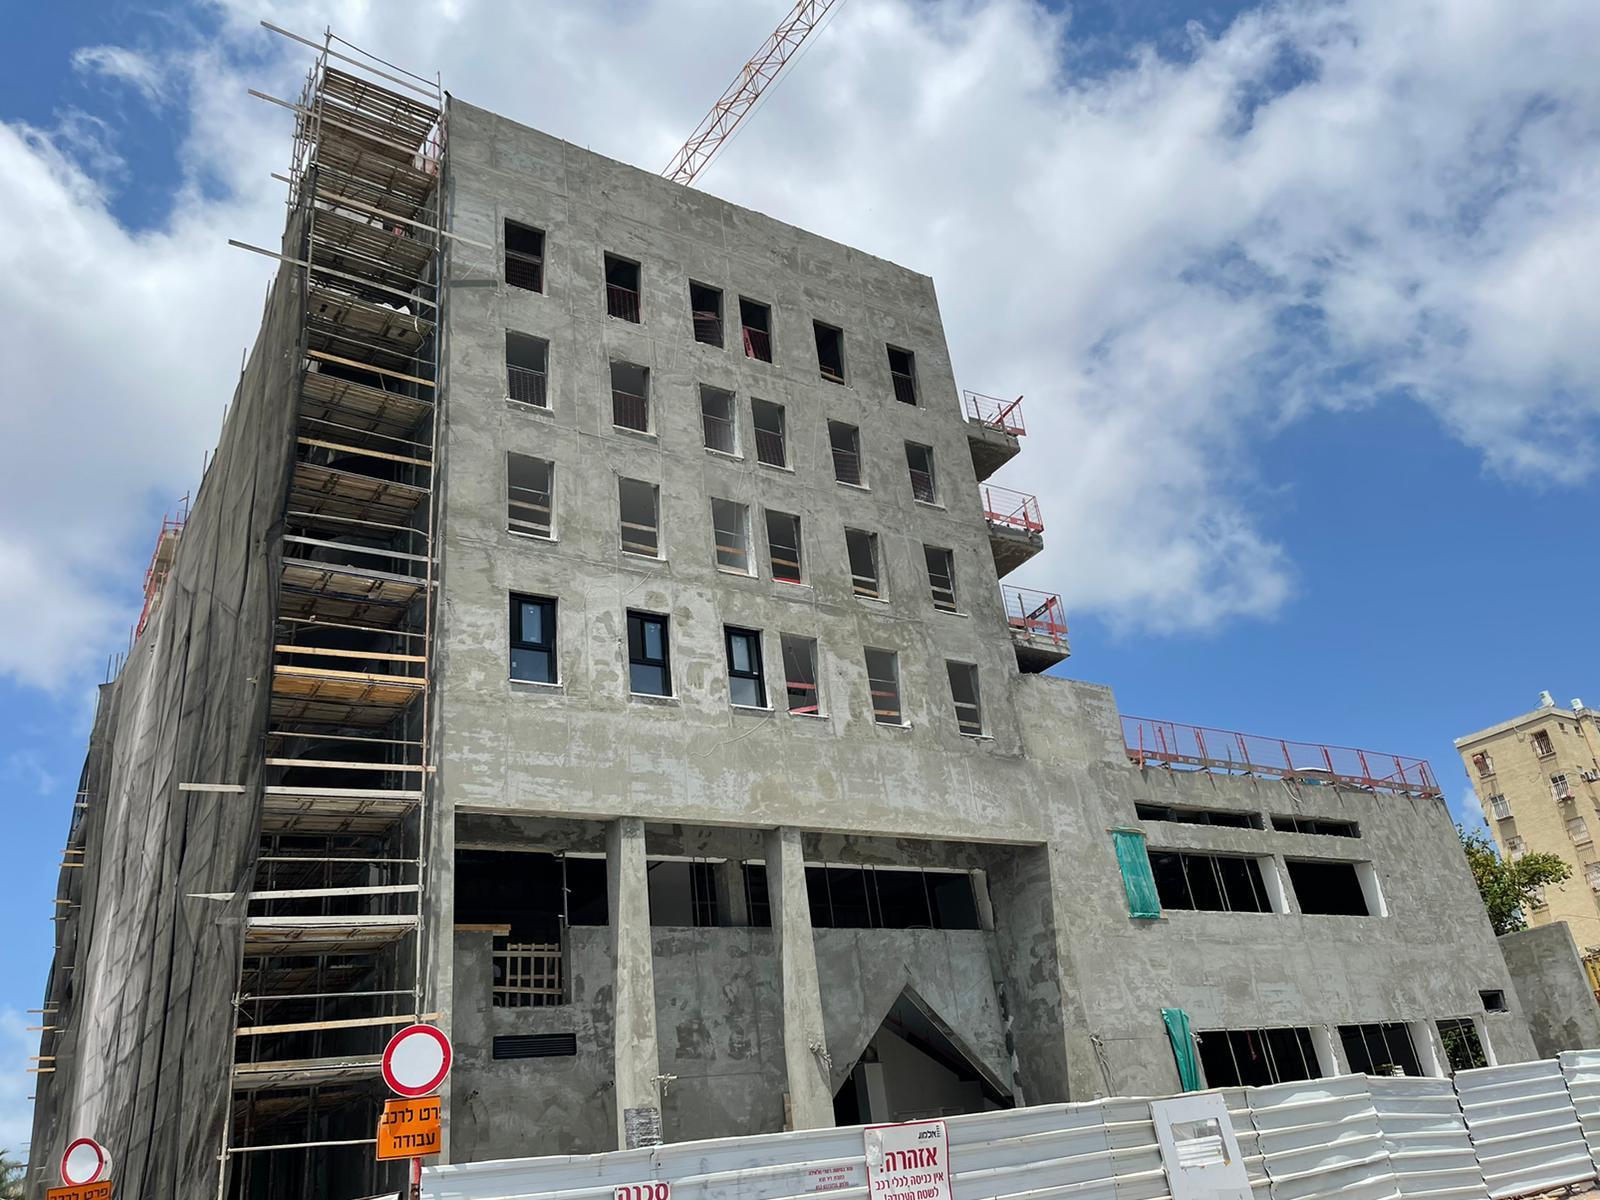 עבודות טייח חוץ, עבודות גמר קומה 4   עבודות אינסטלציה וחשמל בקומות גבוהות 12.08.2021